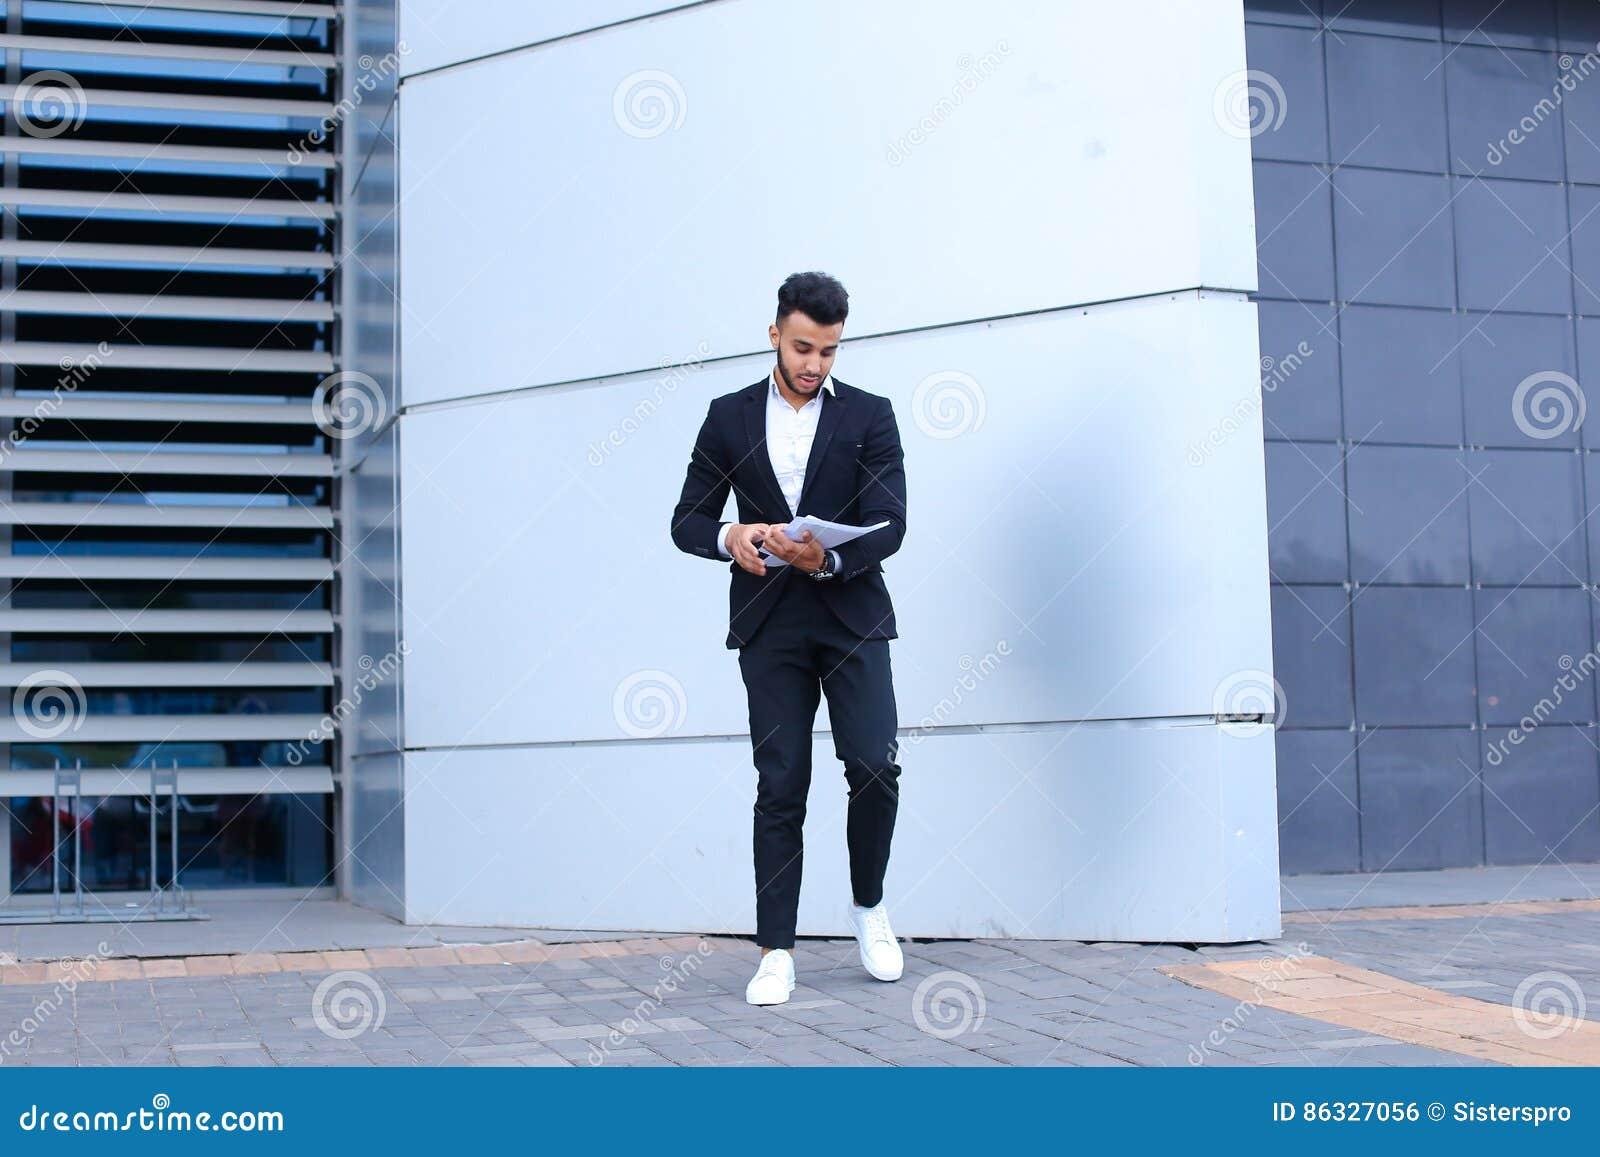 De Arabische mannelijke mensenzakenman verzamelt documenten en documenten dichtbij o